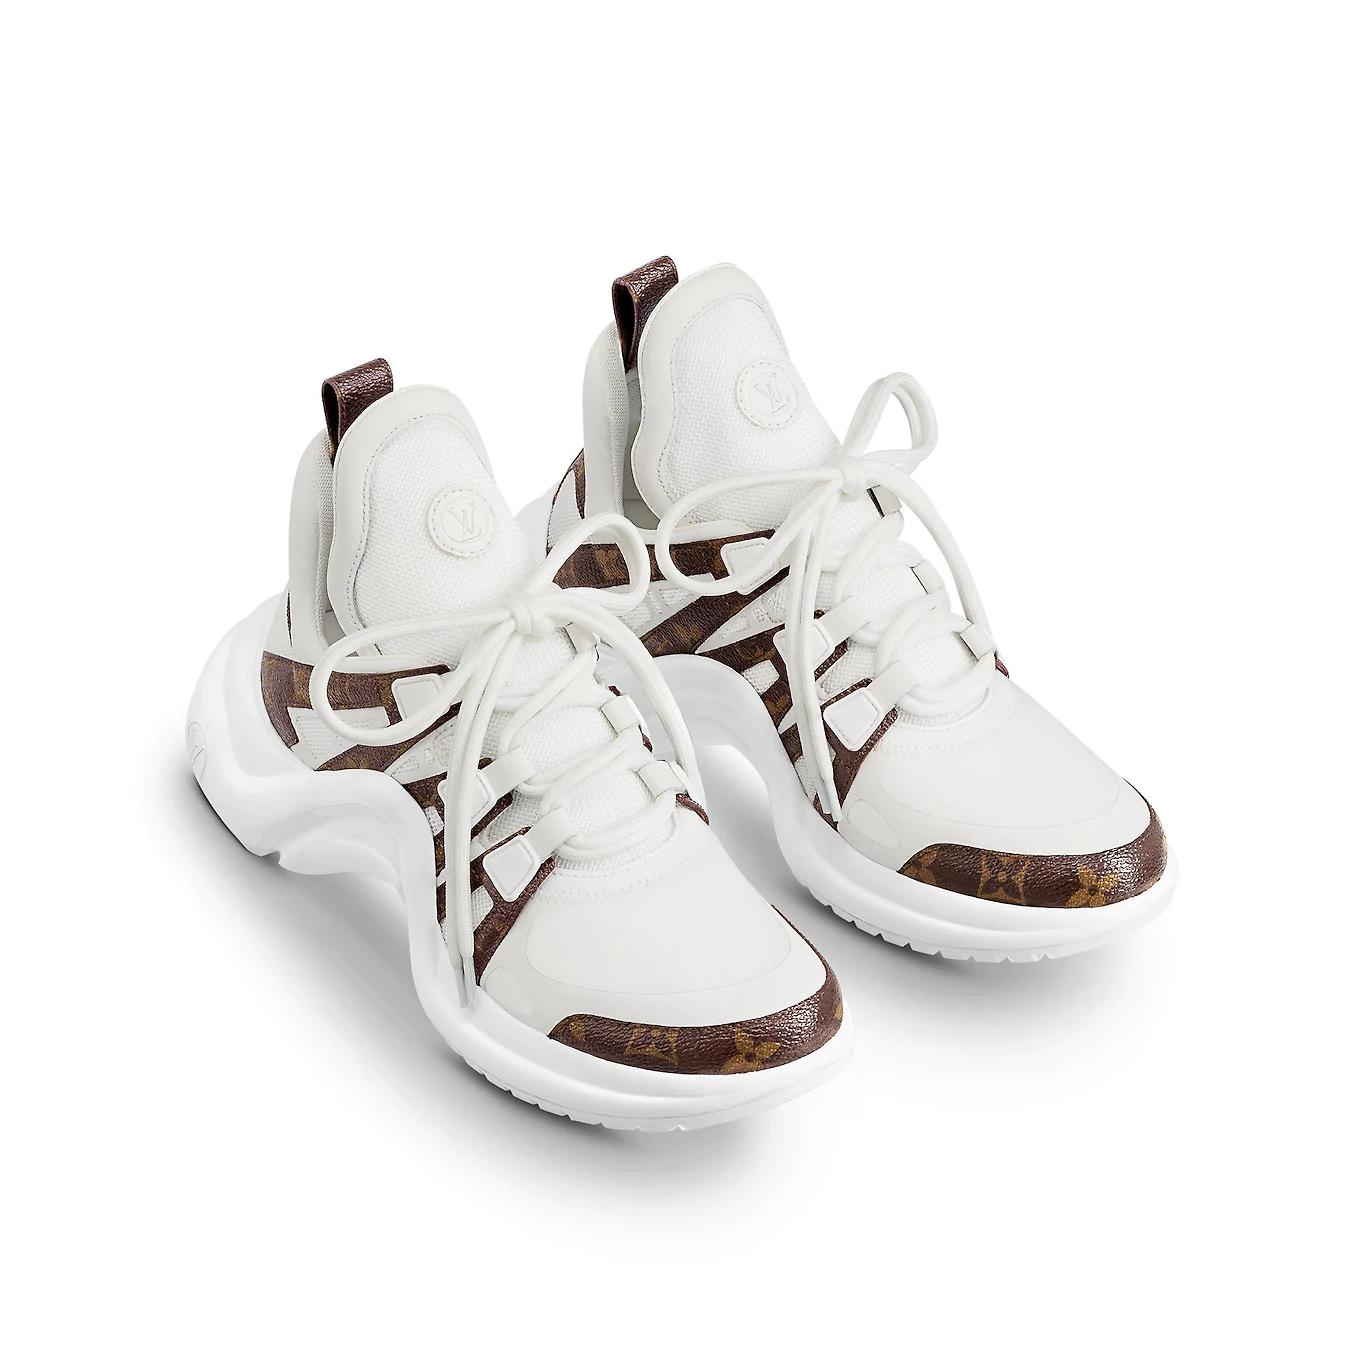 144cf71da25b LV ARCHLIGHT SNEAKER White - Brands Blogger